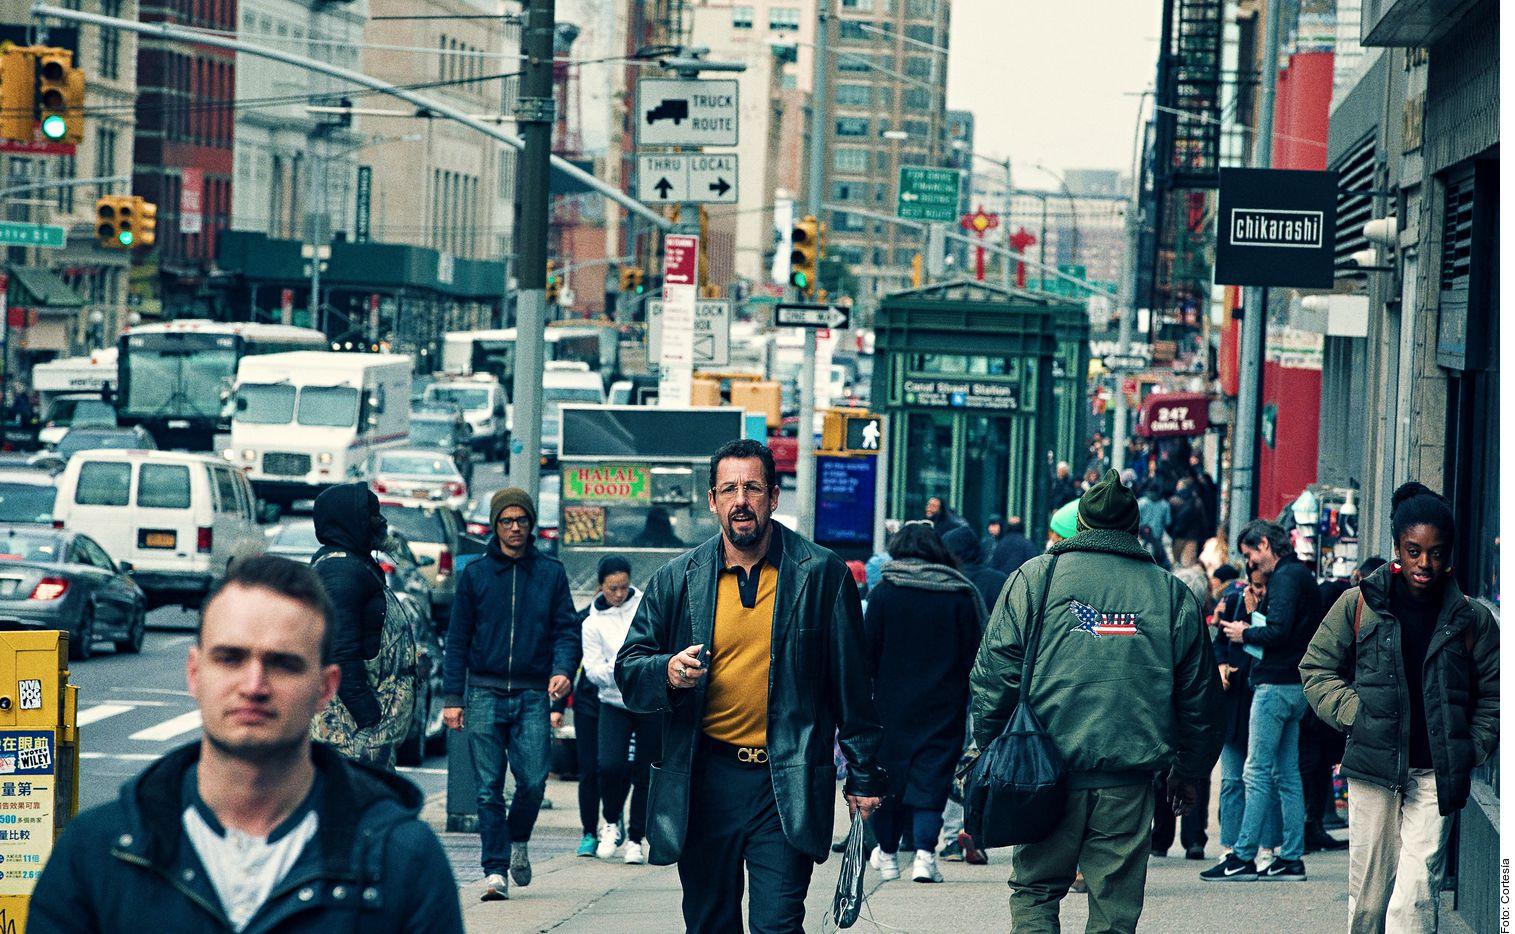 La historia sigue a Howard Ratner (Sandler, centro), quien es dueño de una joyería ubicada en uno de los barrios más exclusivos de  Nueva York; su vida parece marchar sobre ruedas hasta que un robo lo obliga a afrontar una importante deuda económica.